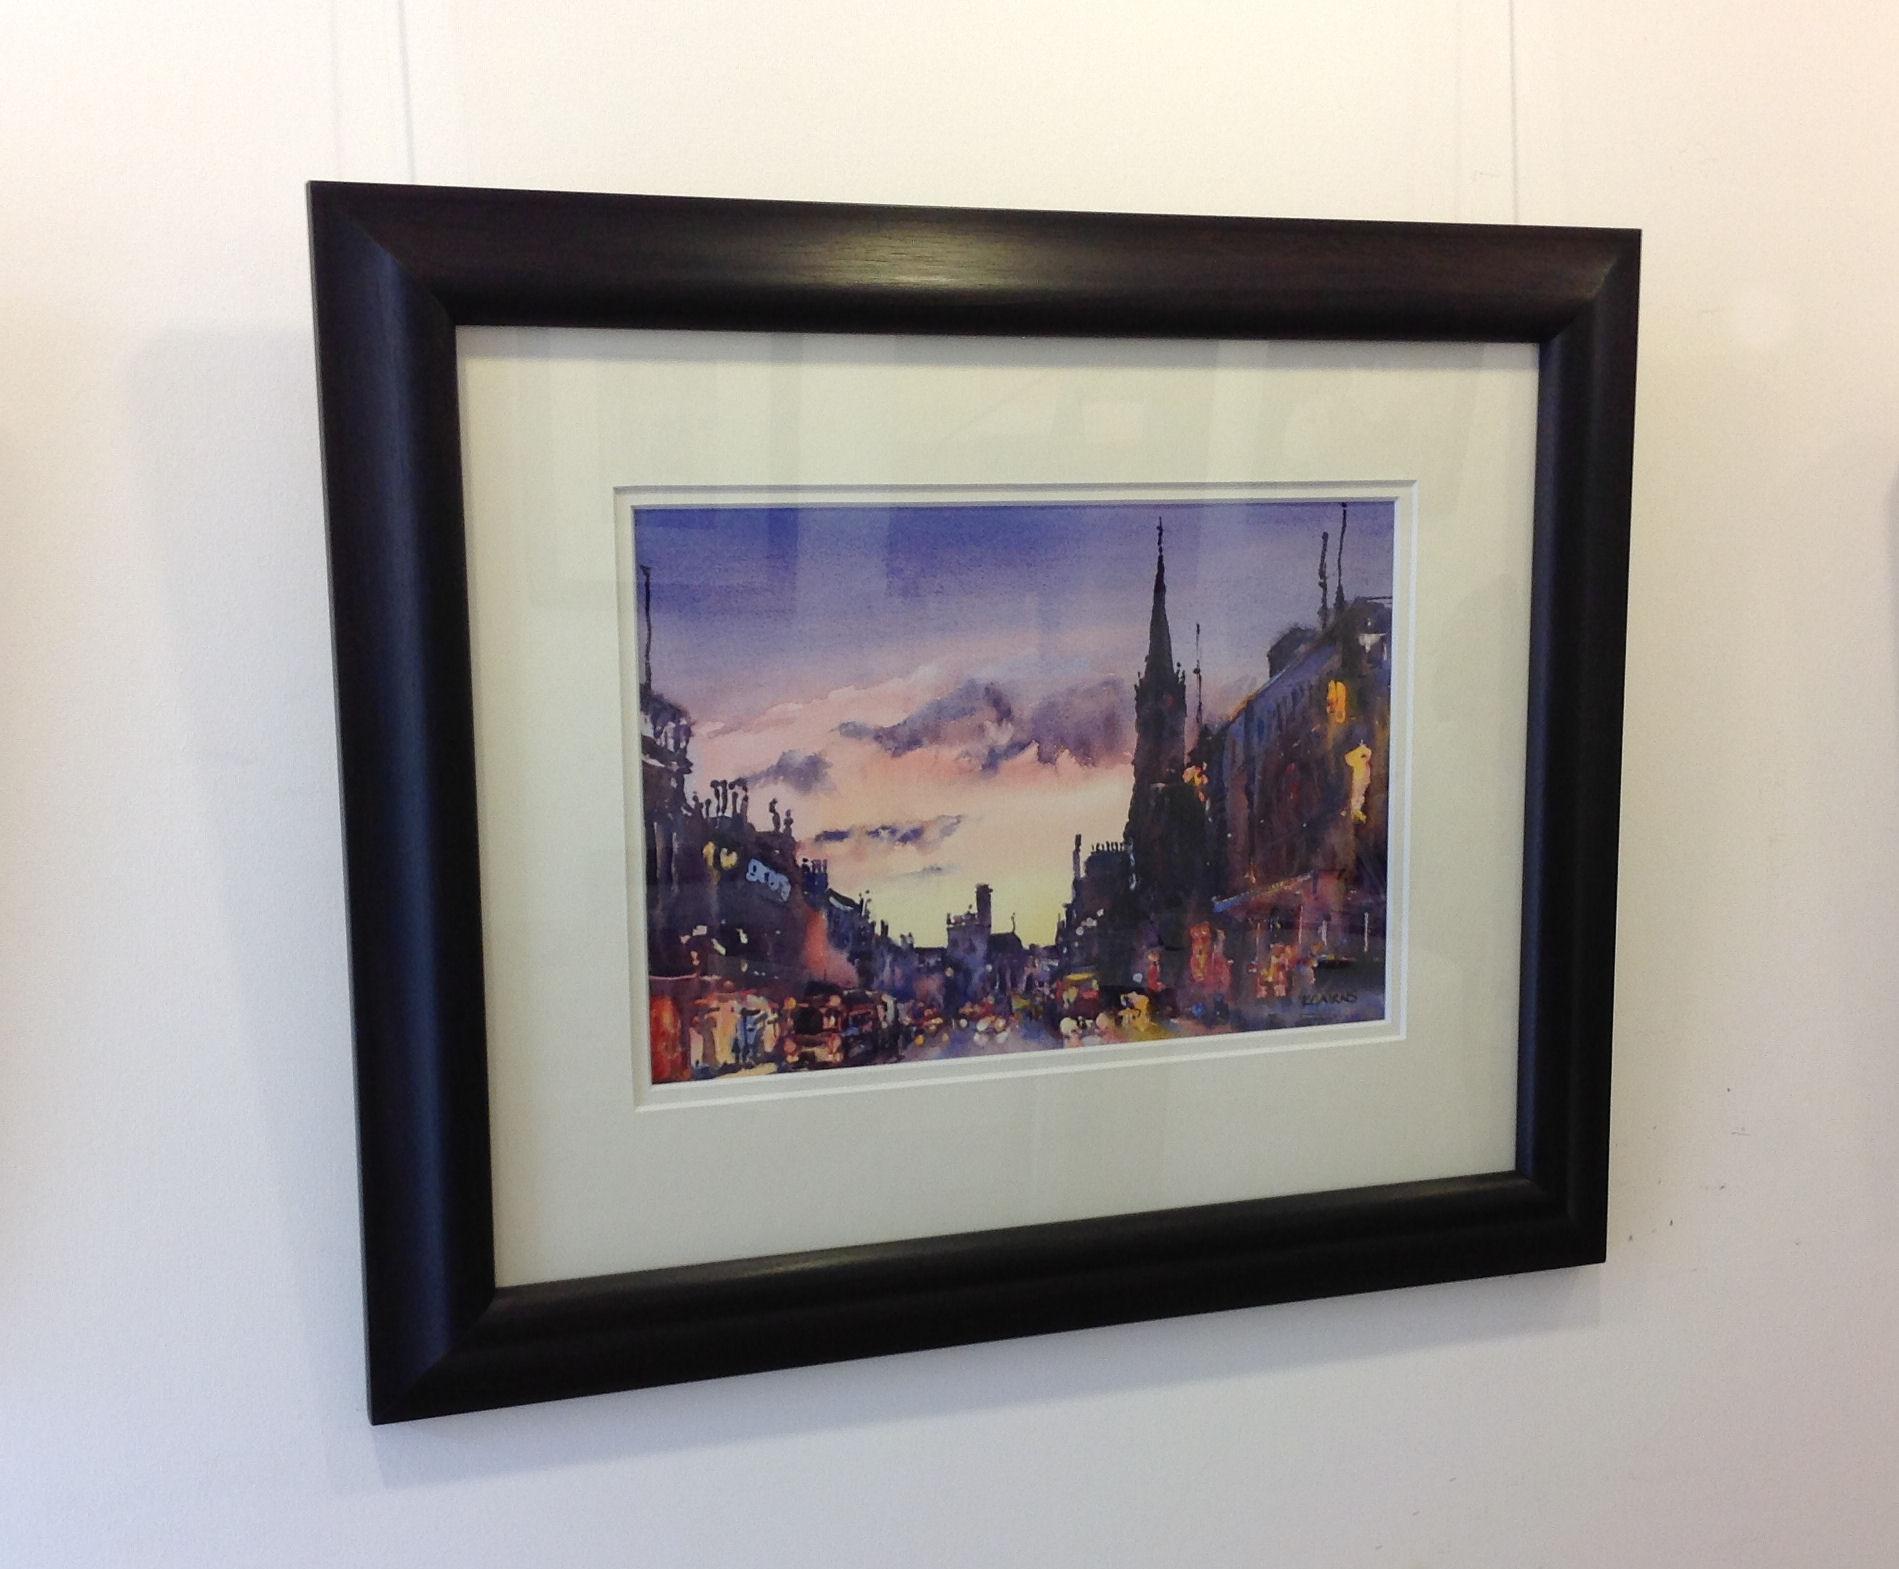 'Light in the North, Union Street, Aberdeen' by artist Karen Cairns